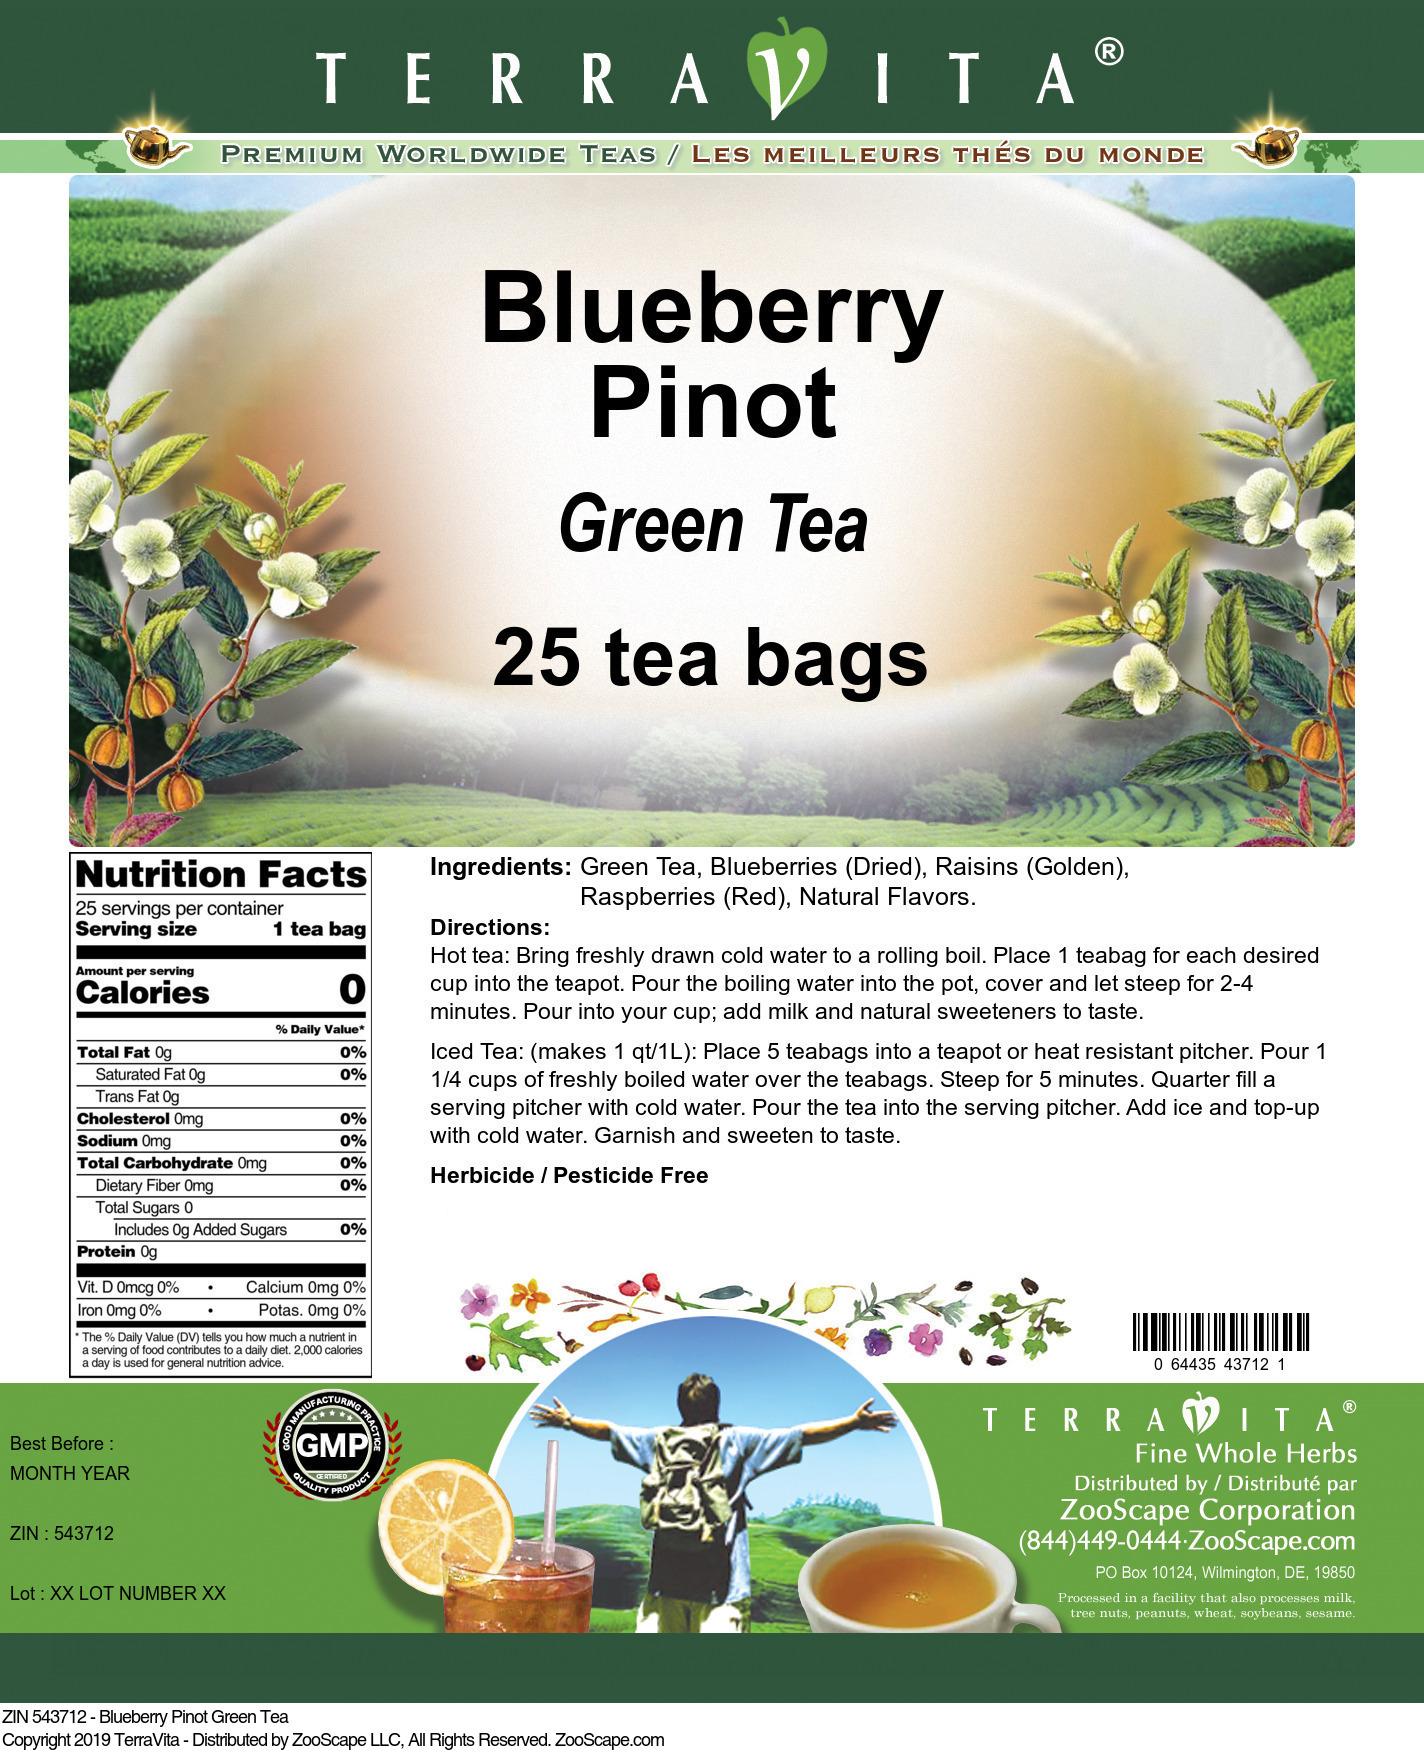 Blueberry Pinot Green Tea